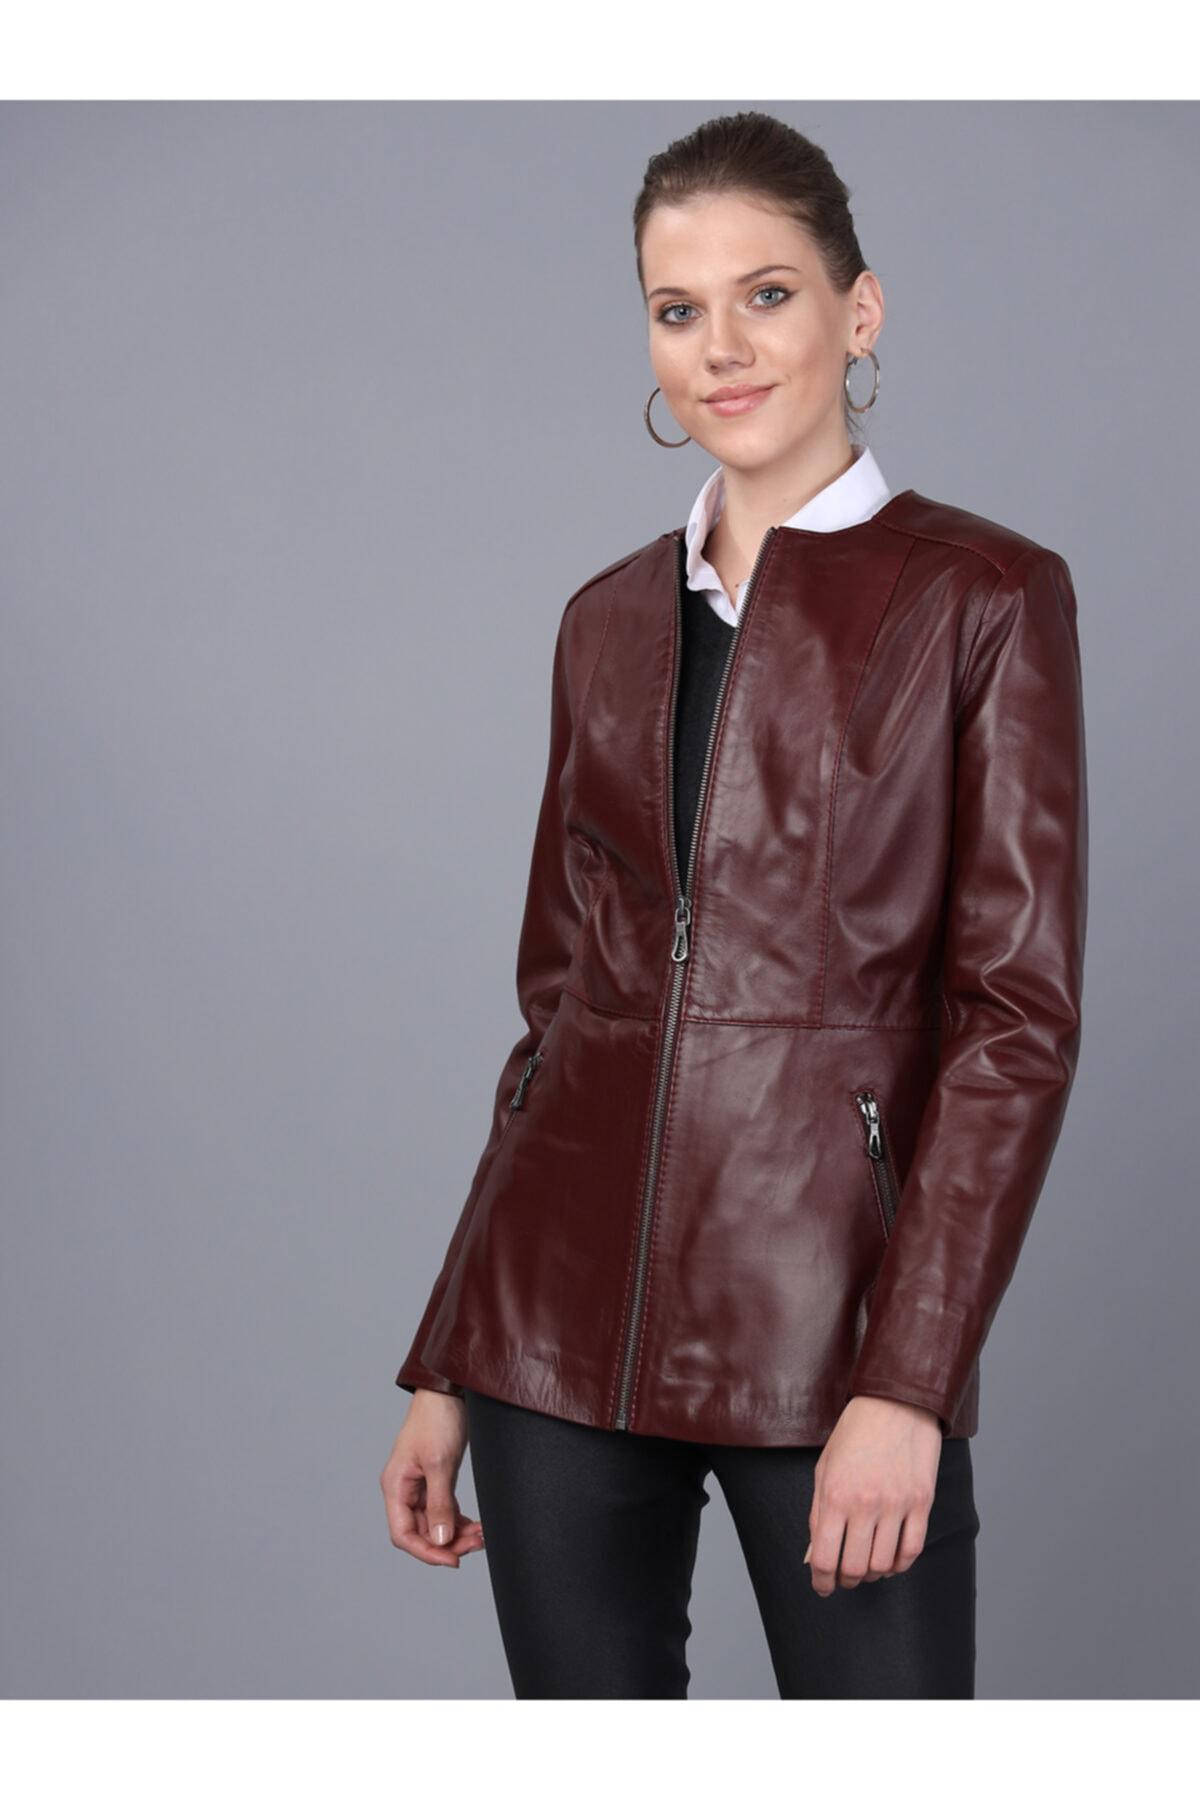 Basics&More Kadın Mürdüm Deri Ceket - Bm03 2